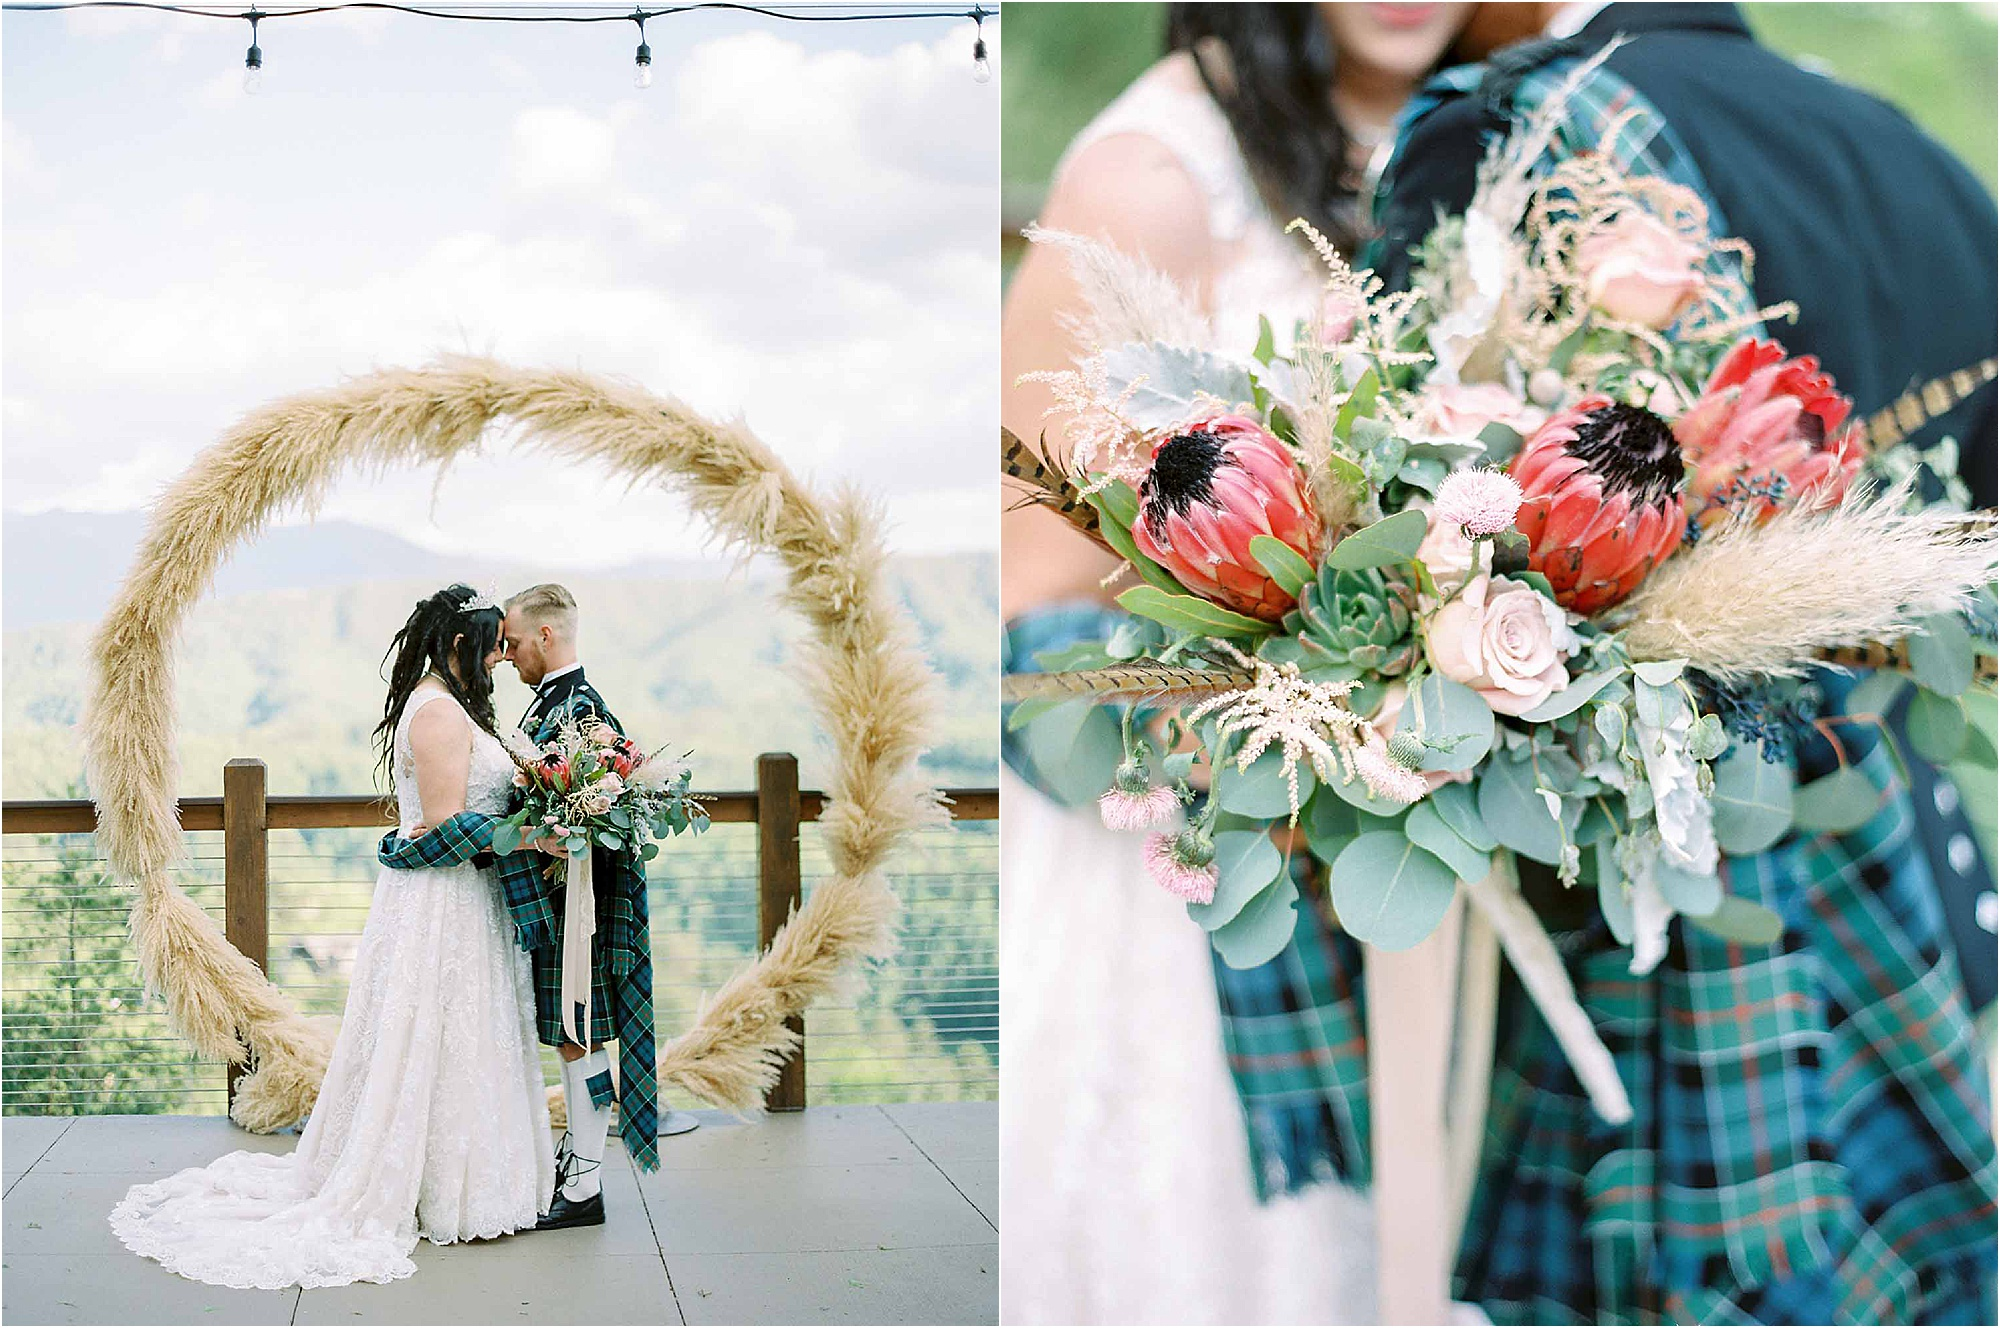 wedding couple photos at circle arbor